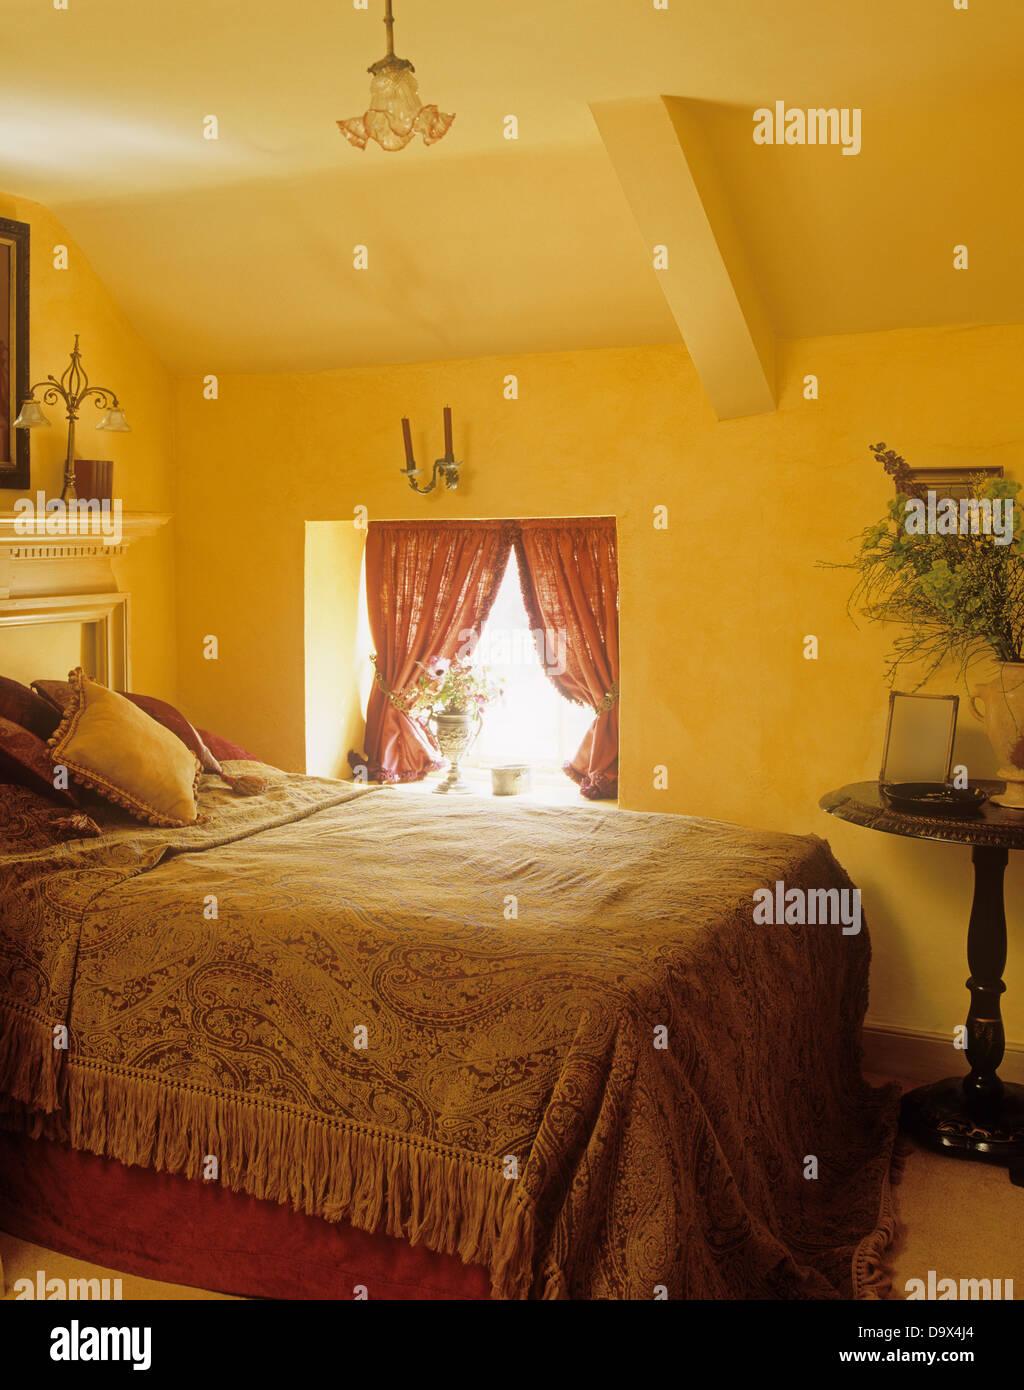 doppelbett mit fransen bettdecke in gelben land schlafzimmer mit schr gen decke stockfoto bild. Black Bedroom Furniture Sets. Home Design Ideas